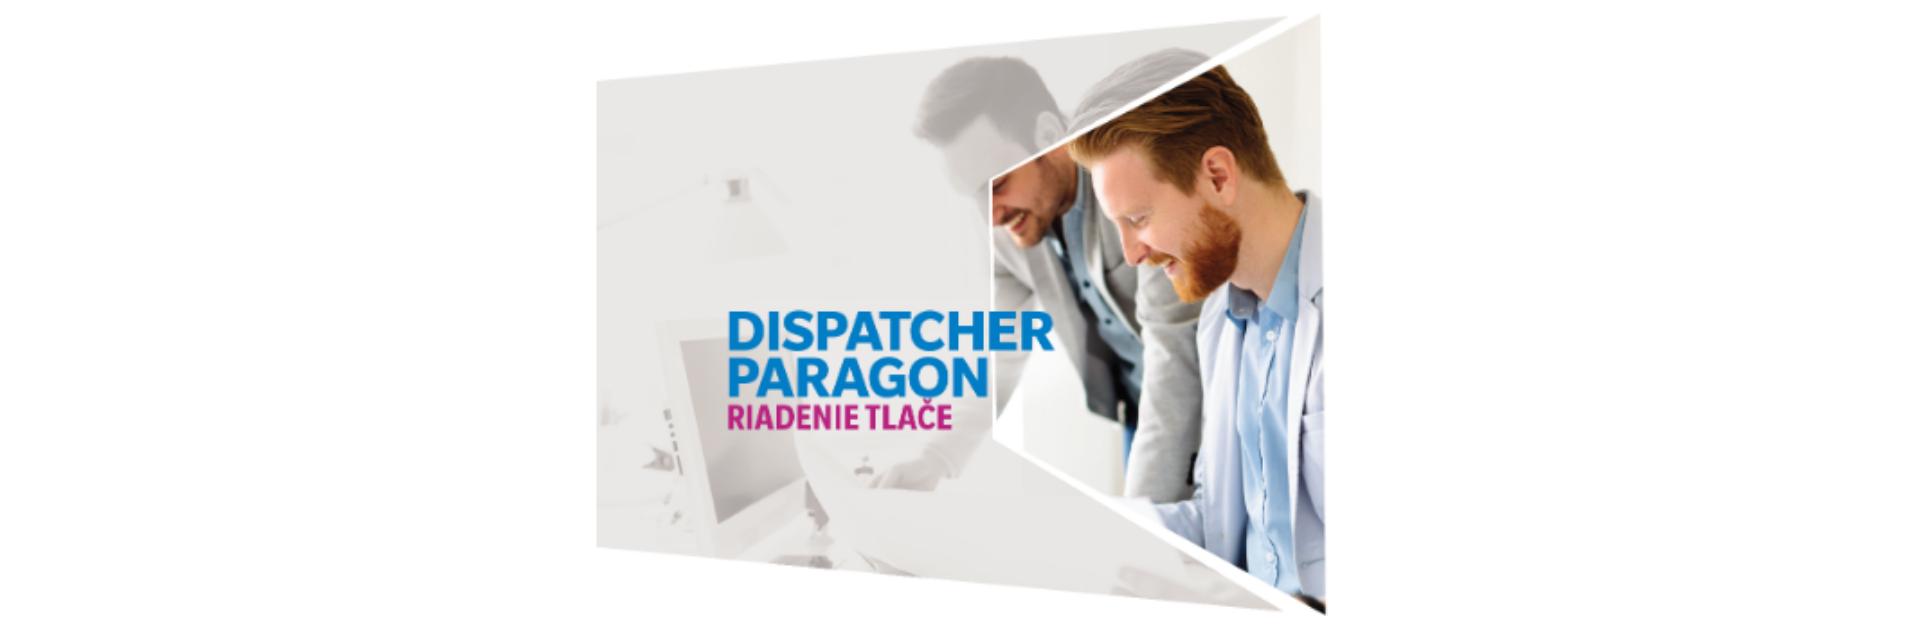 Dispatcher Paragon